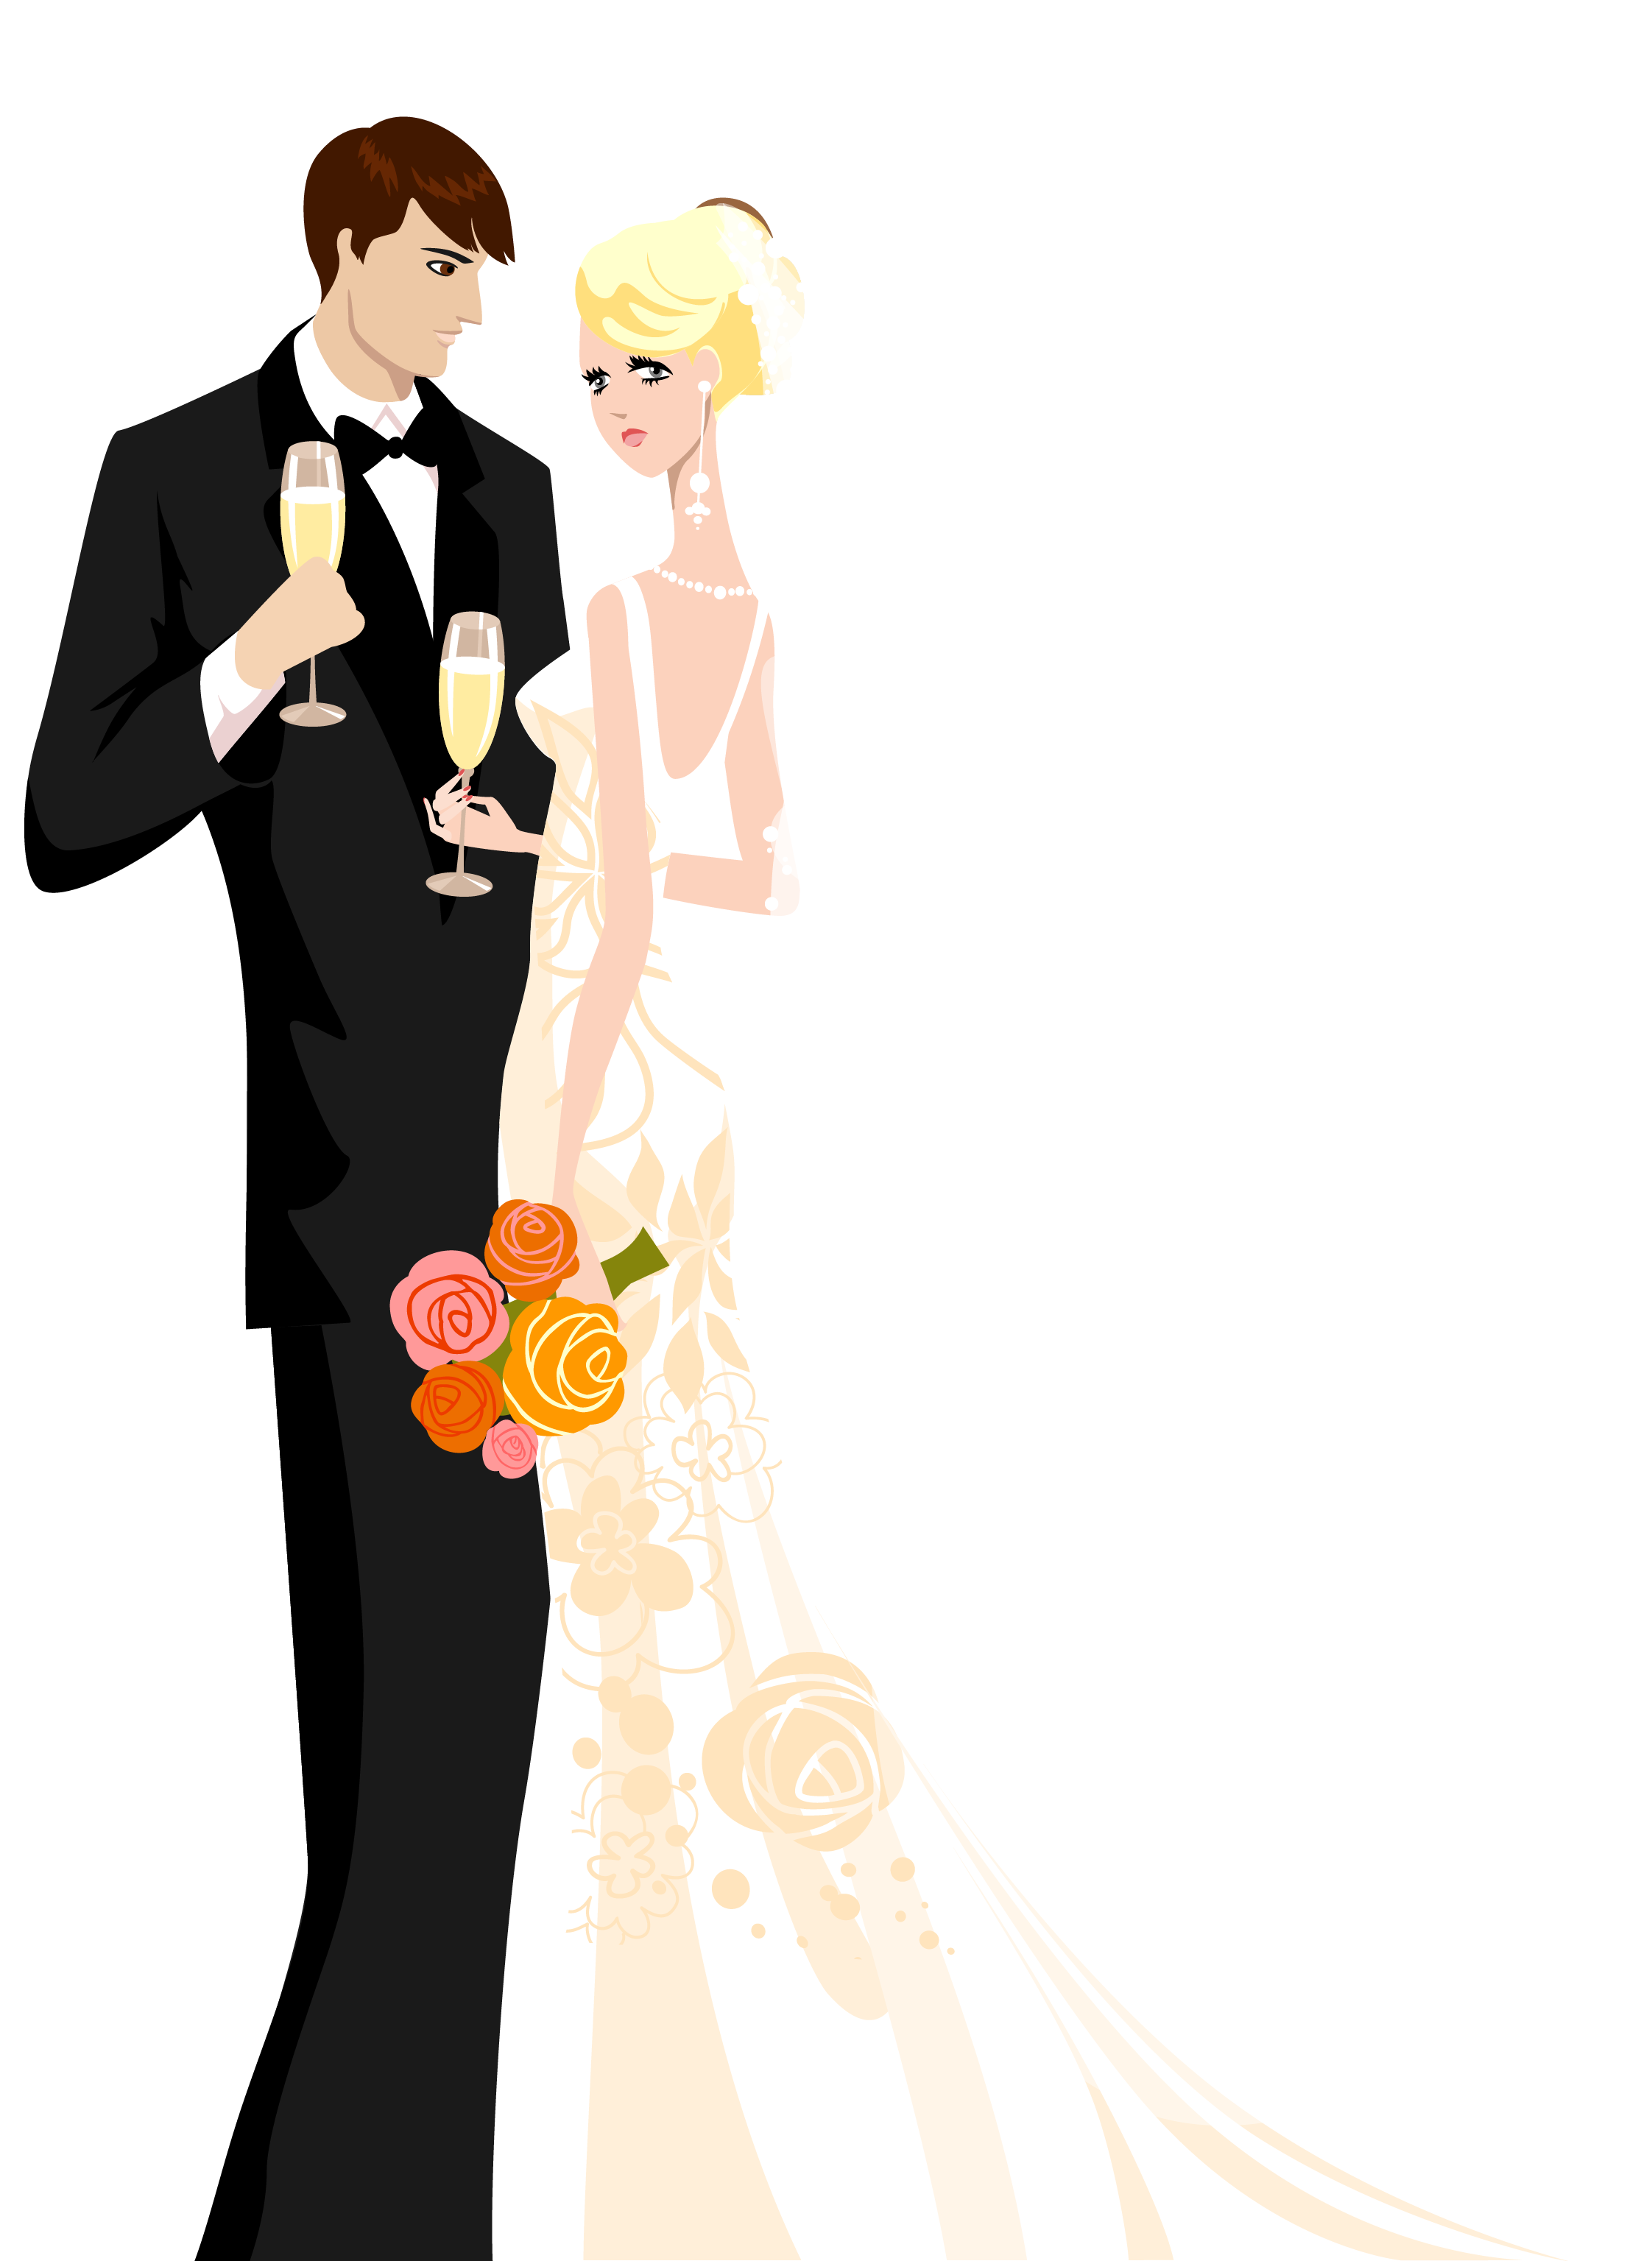 Рисунок жених и невеста | Wedding illustration, Wedding ...